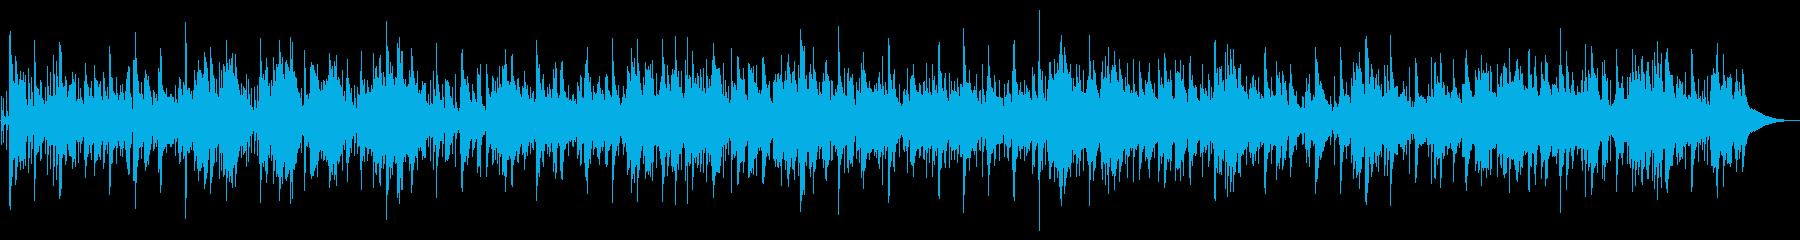 爽やかな別れのシーン等に使えそうなBGMの再生済みの波形